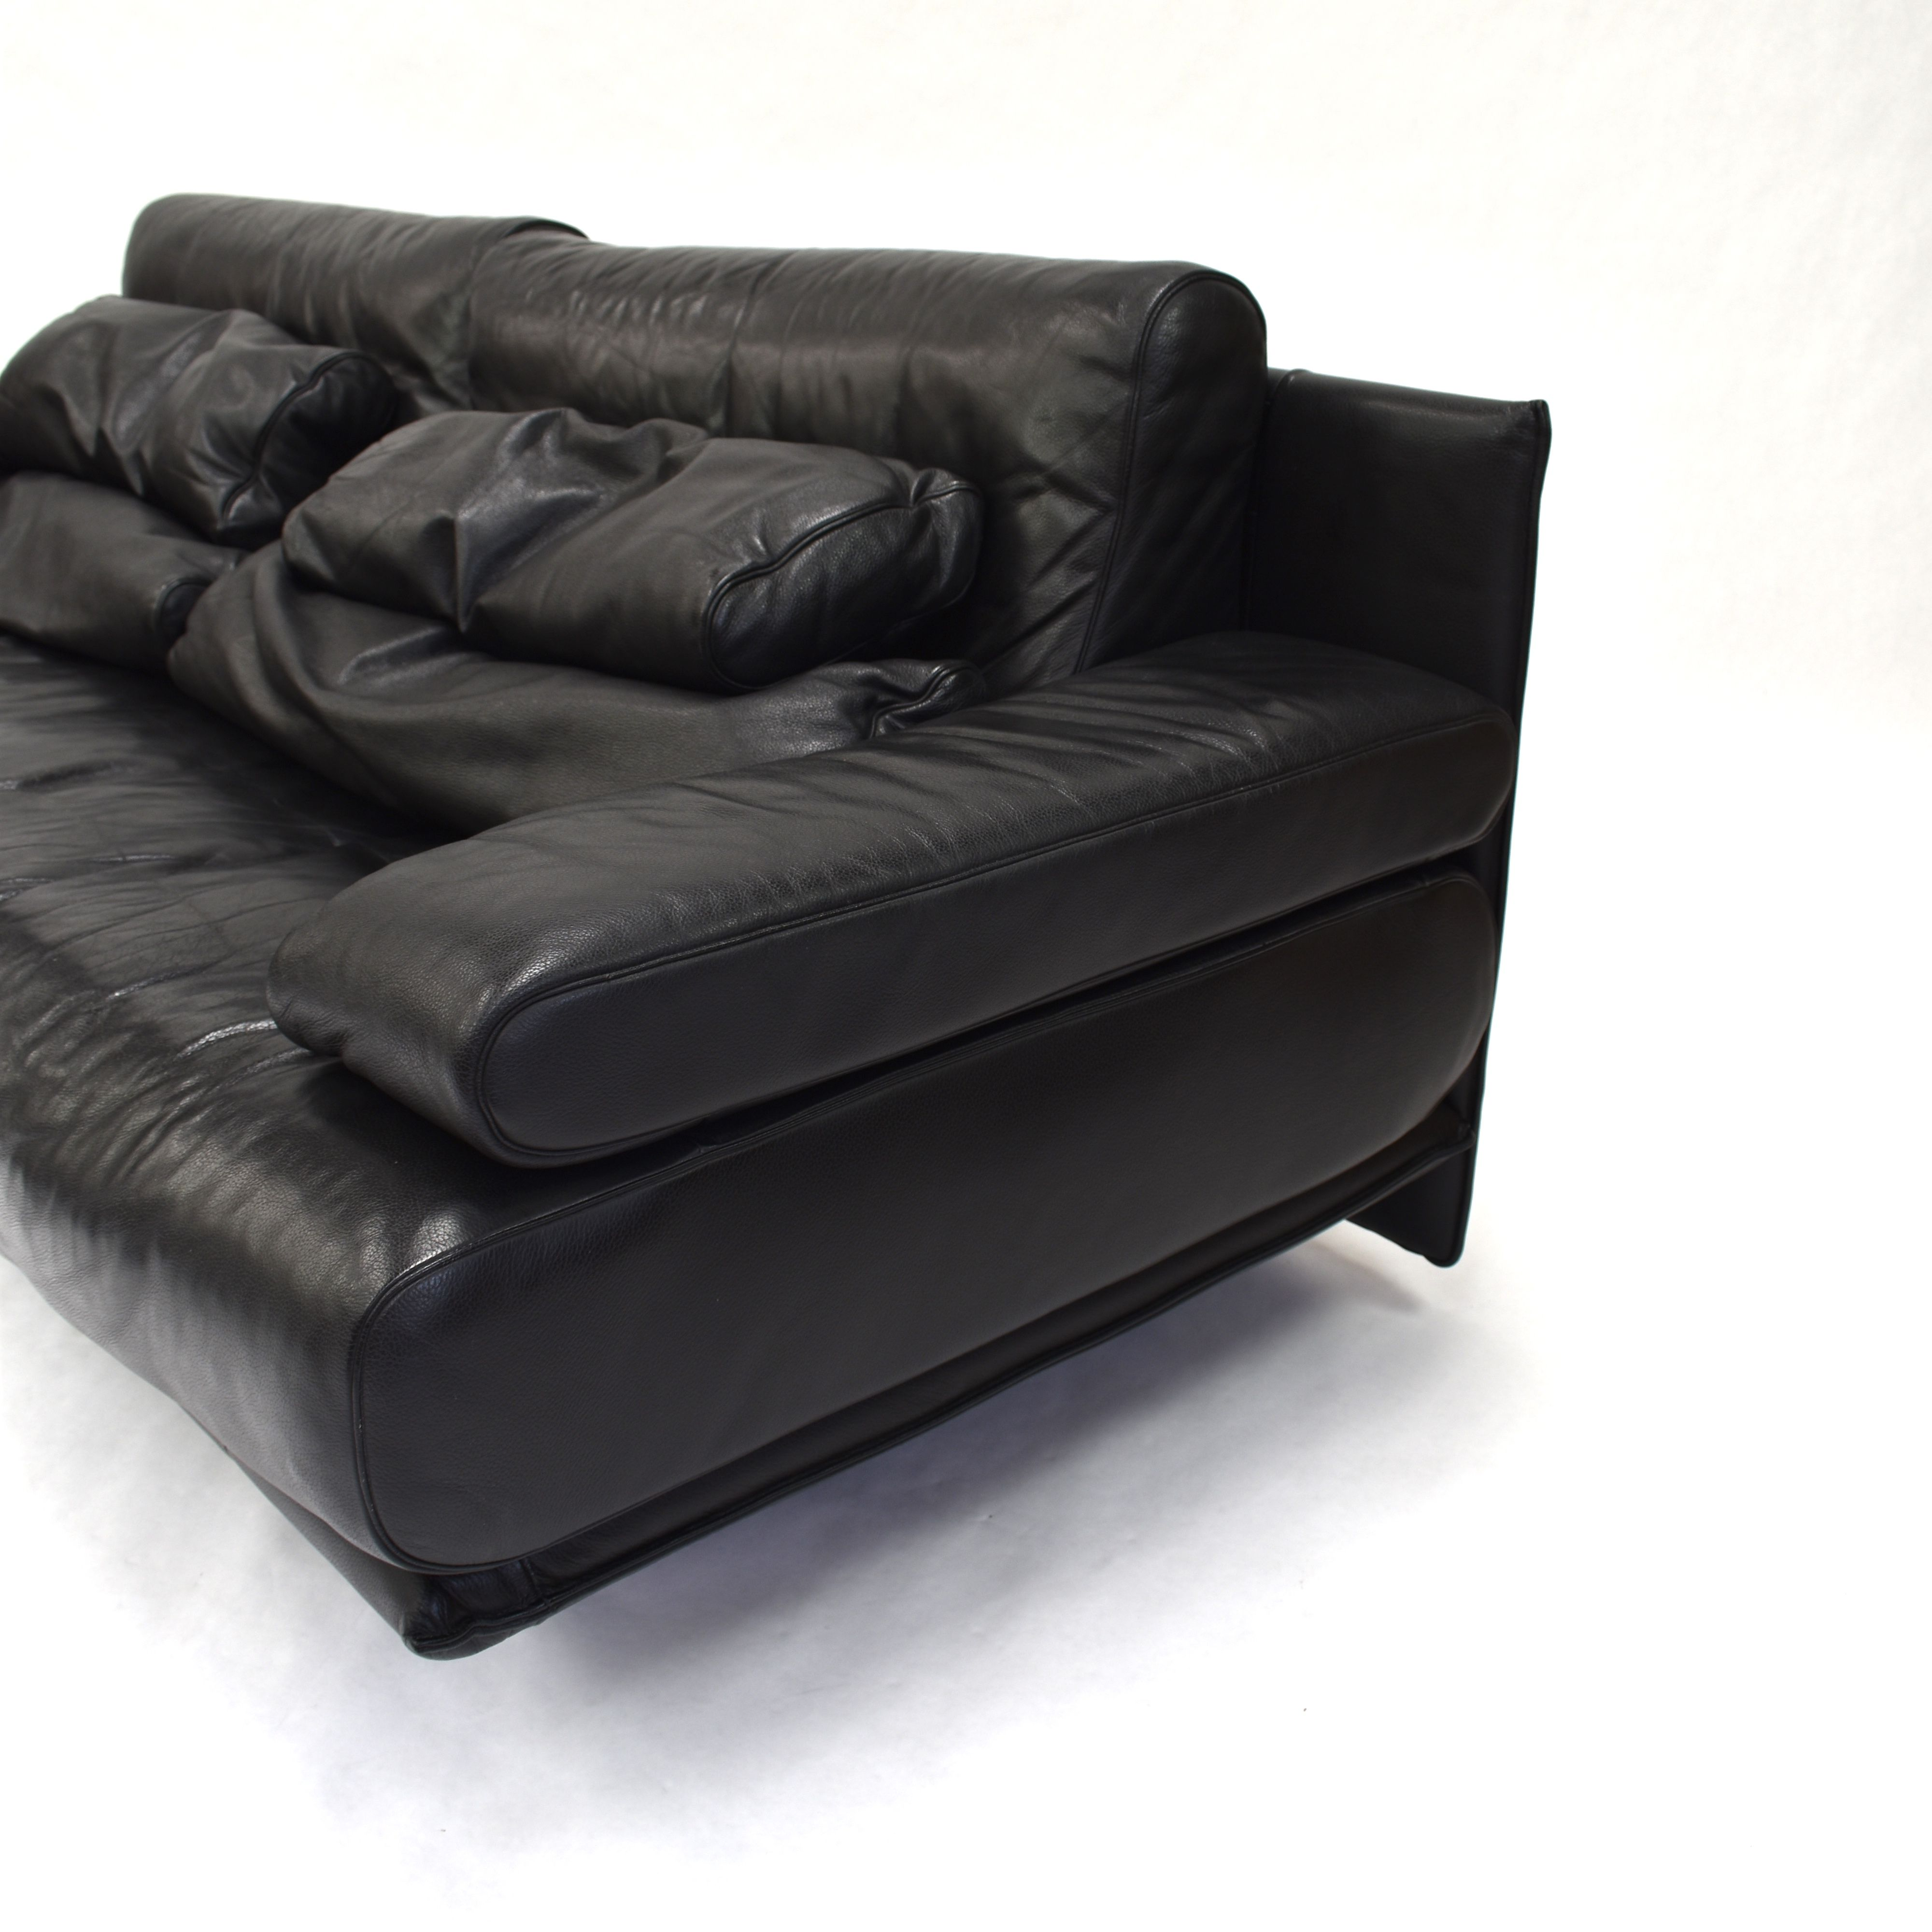 vintage black leather sofa by rolf benz design market. Black Bedroom Furniture Sets. Home Design Ideas